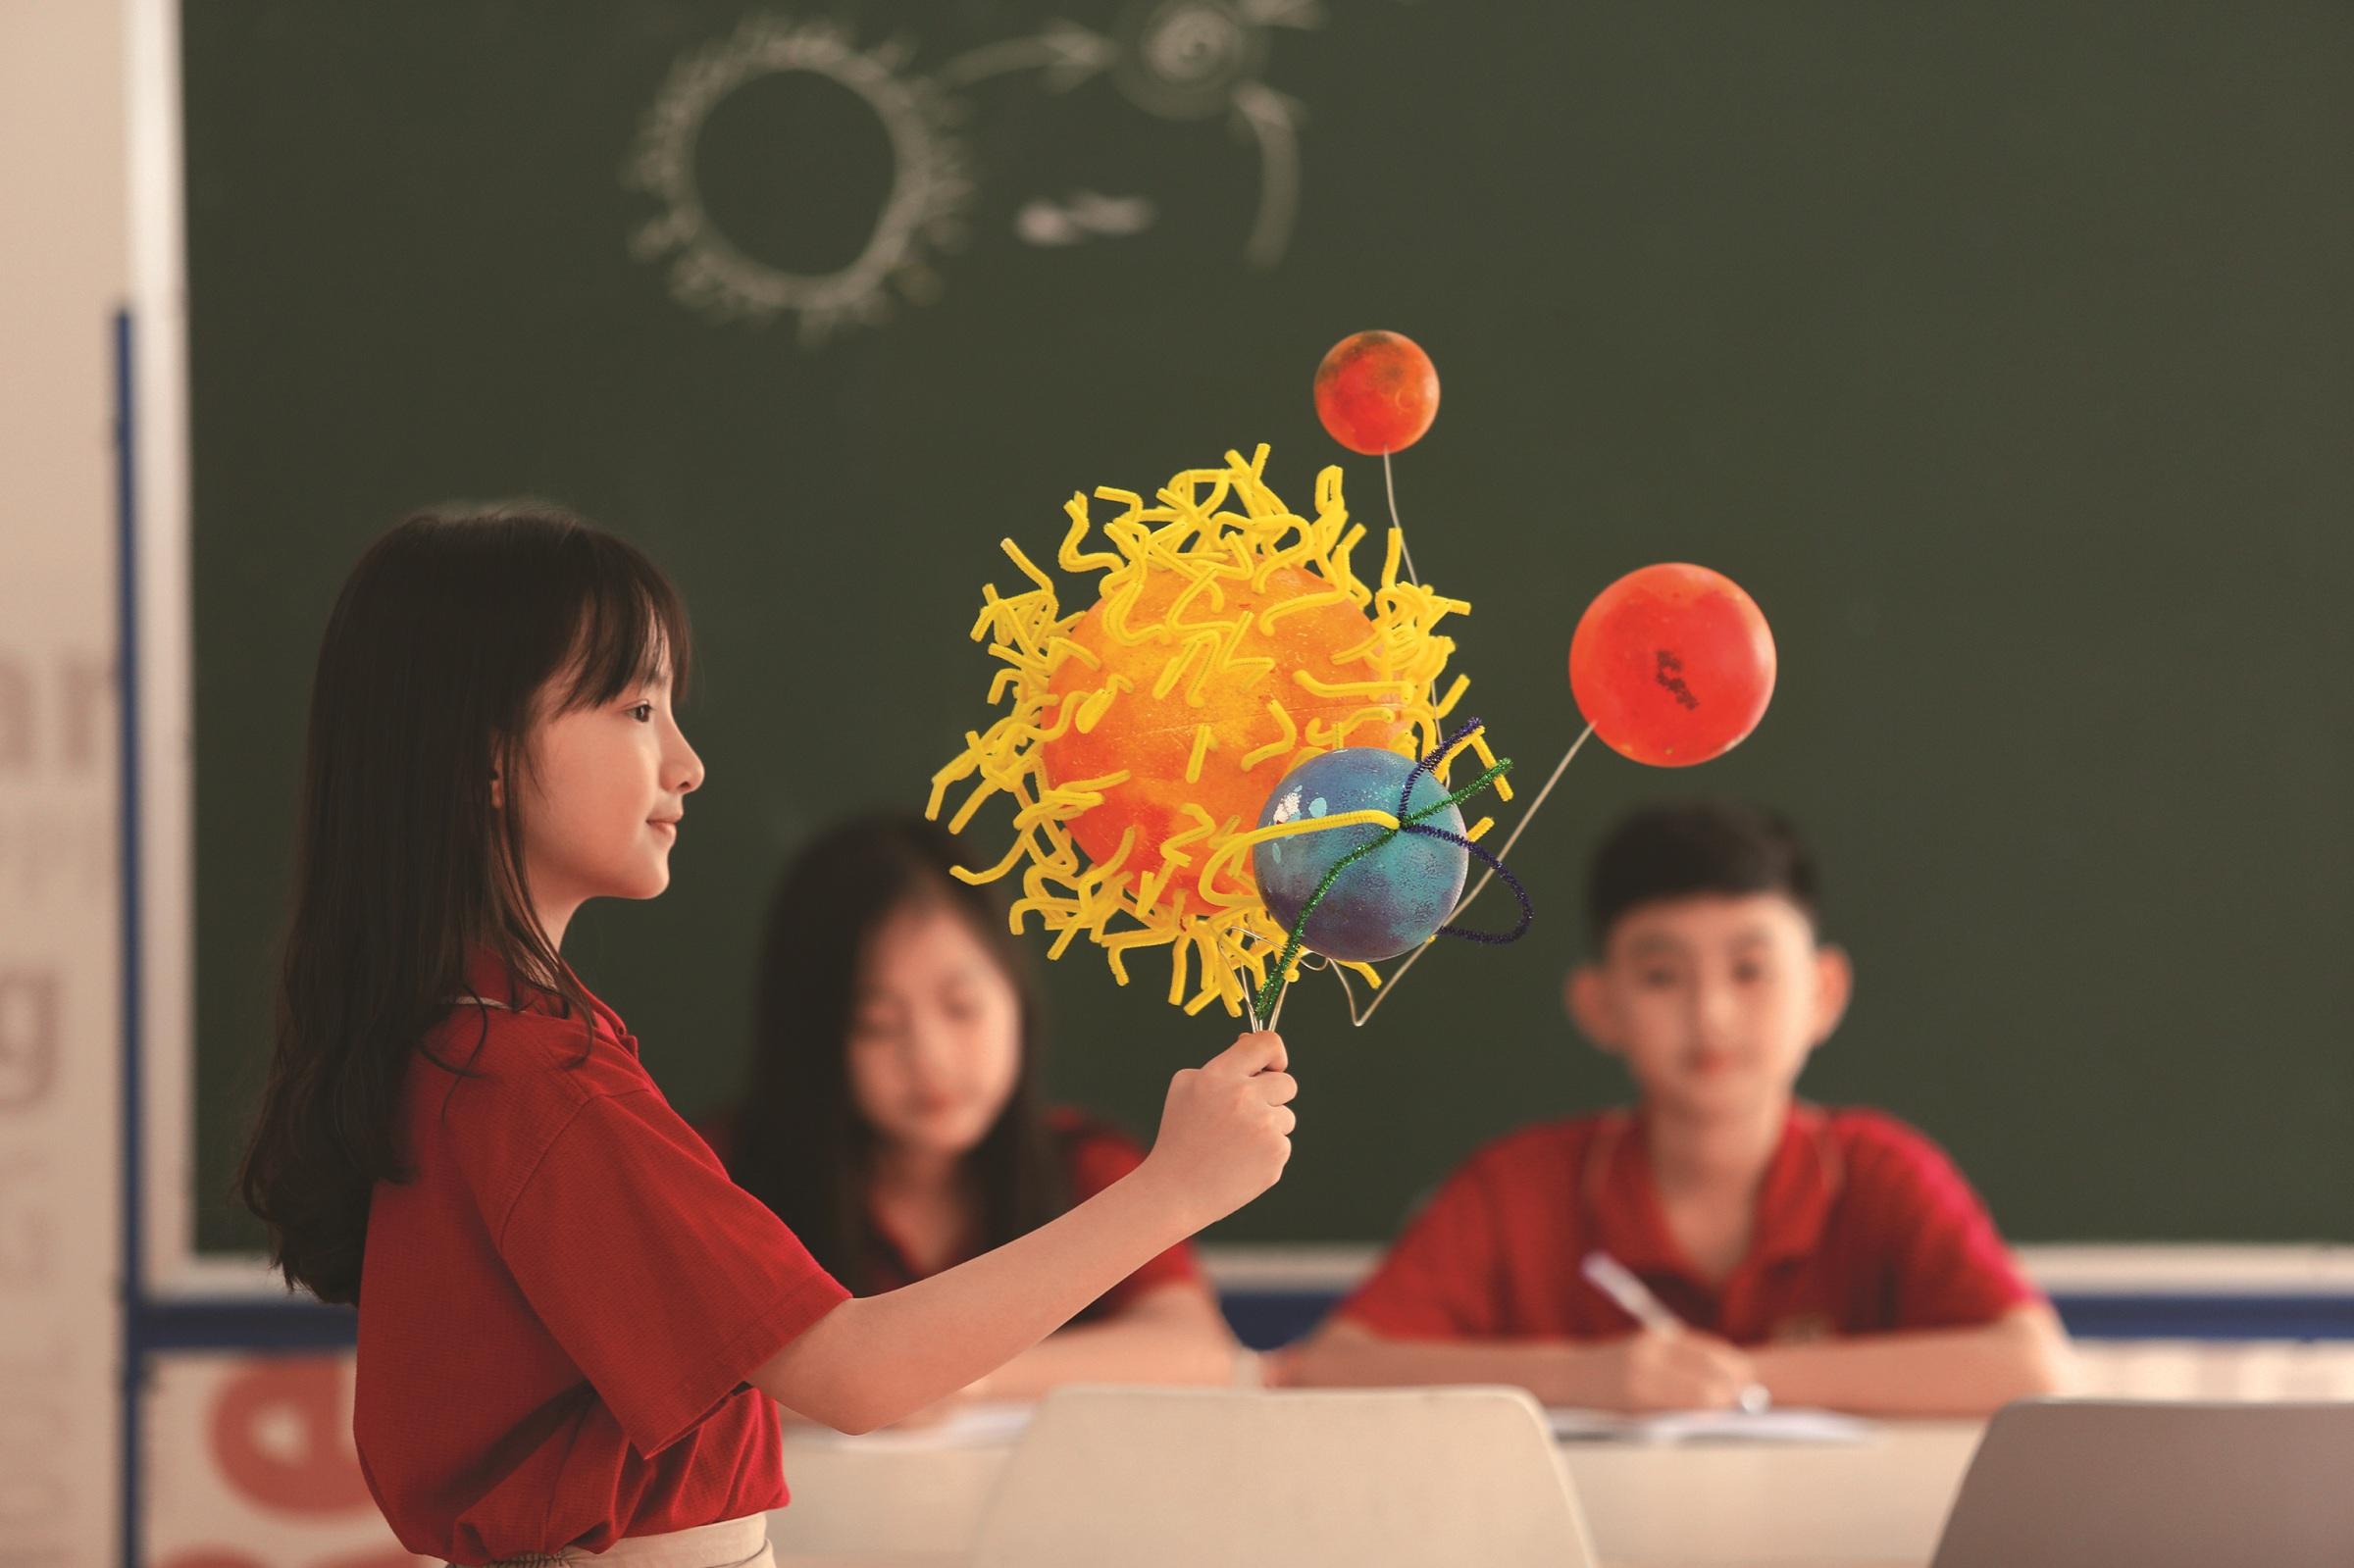 Các khóa học xây dựng theo dự án khoa học, ôn tập kiến thức và kỹ năng để sẵn sàng cho năm học mới.